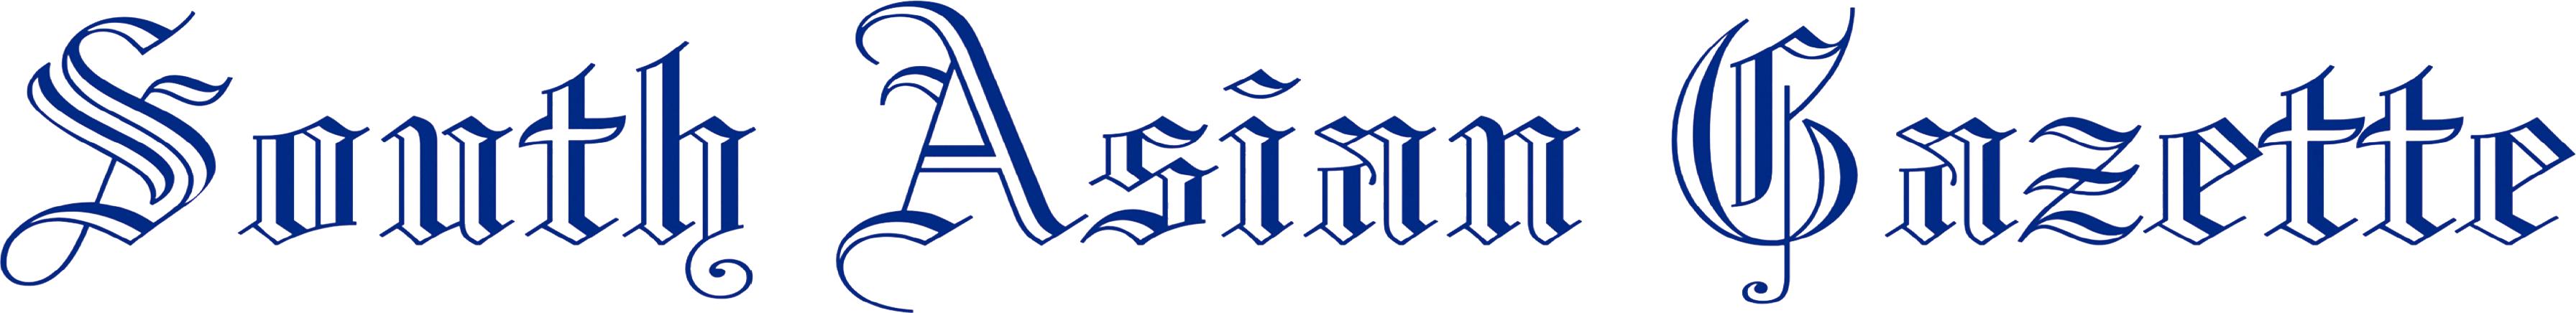 South Asian Gazette